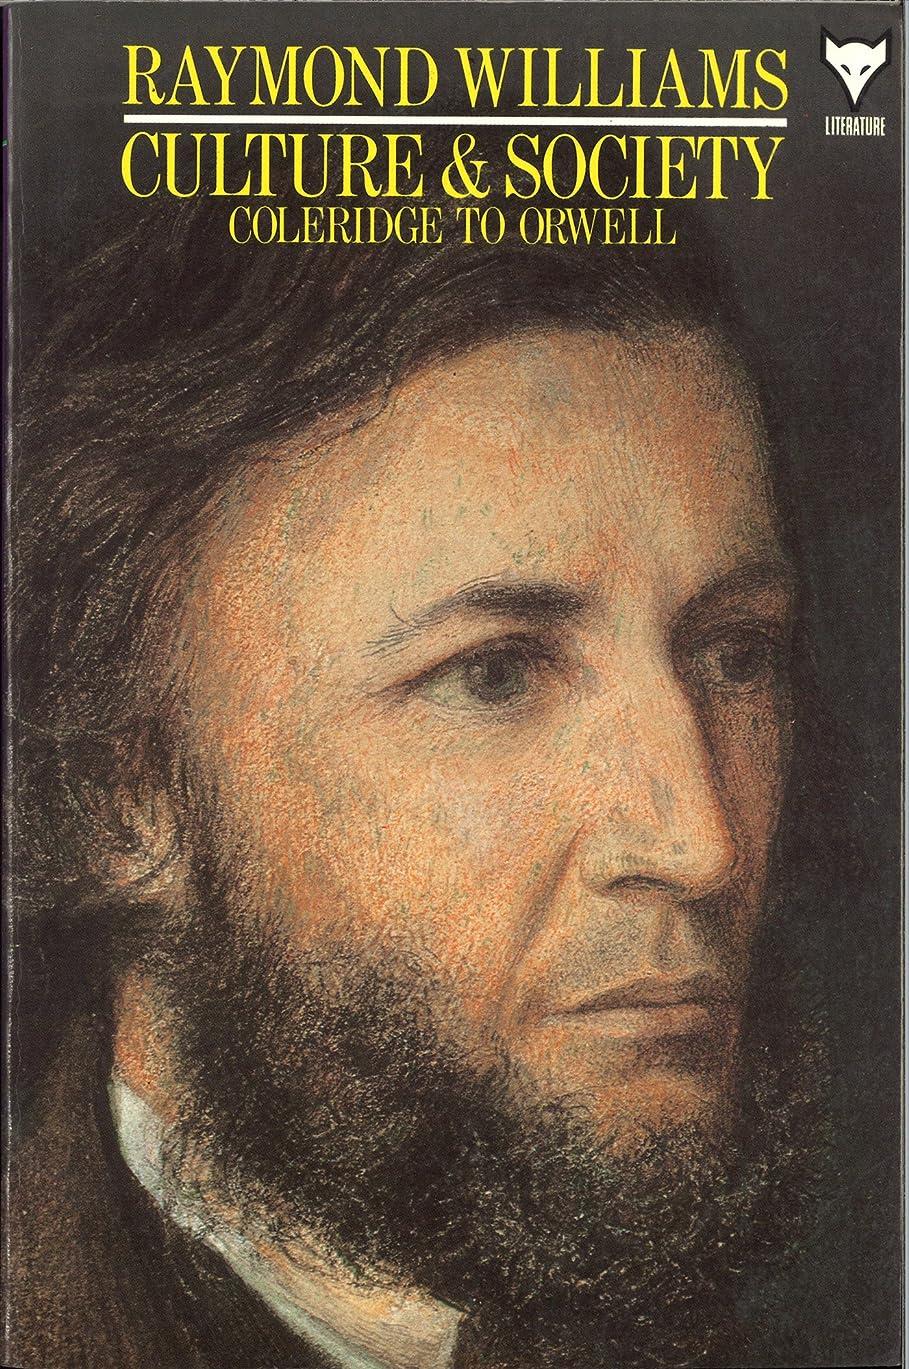 解任人工的なしゃがむCulture and Society: Coleridge to Orwell (Everyman's Library CLASSICS) (English Edition)